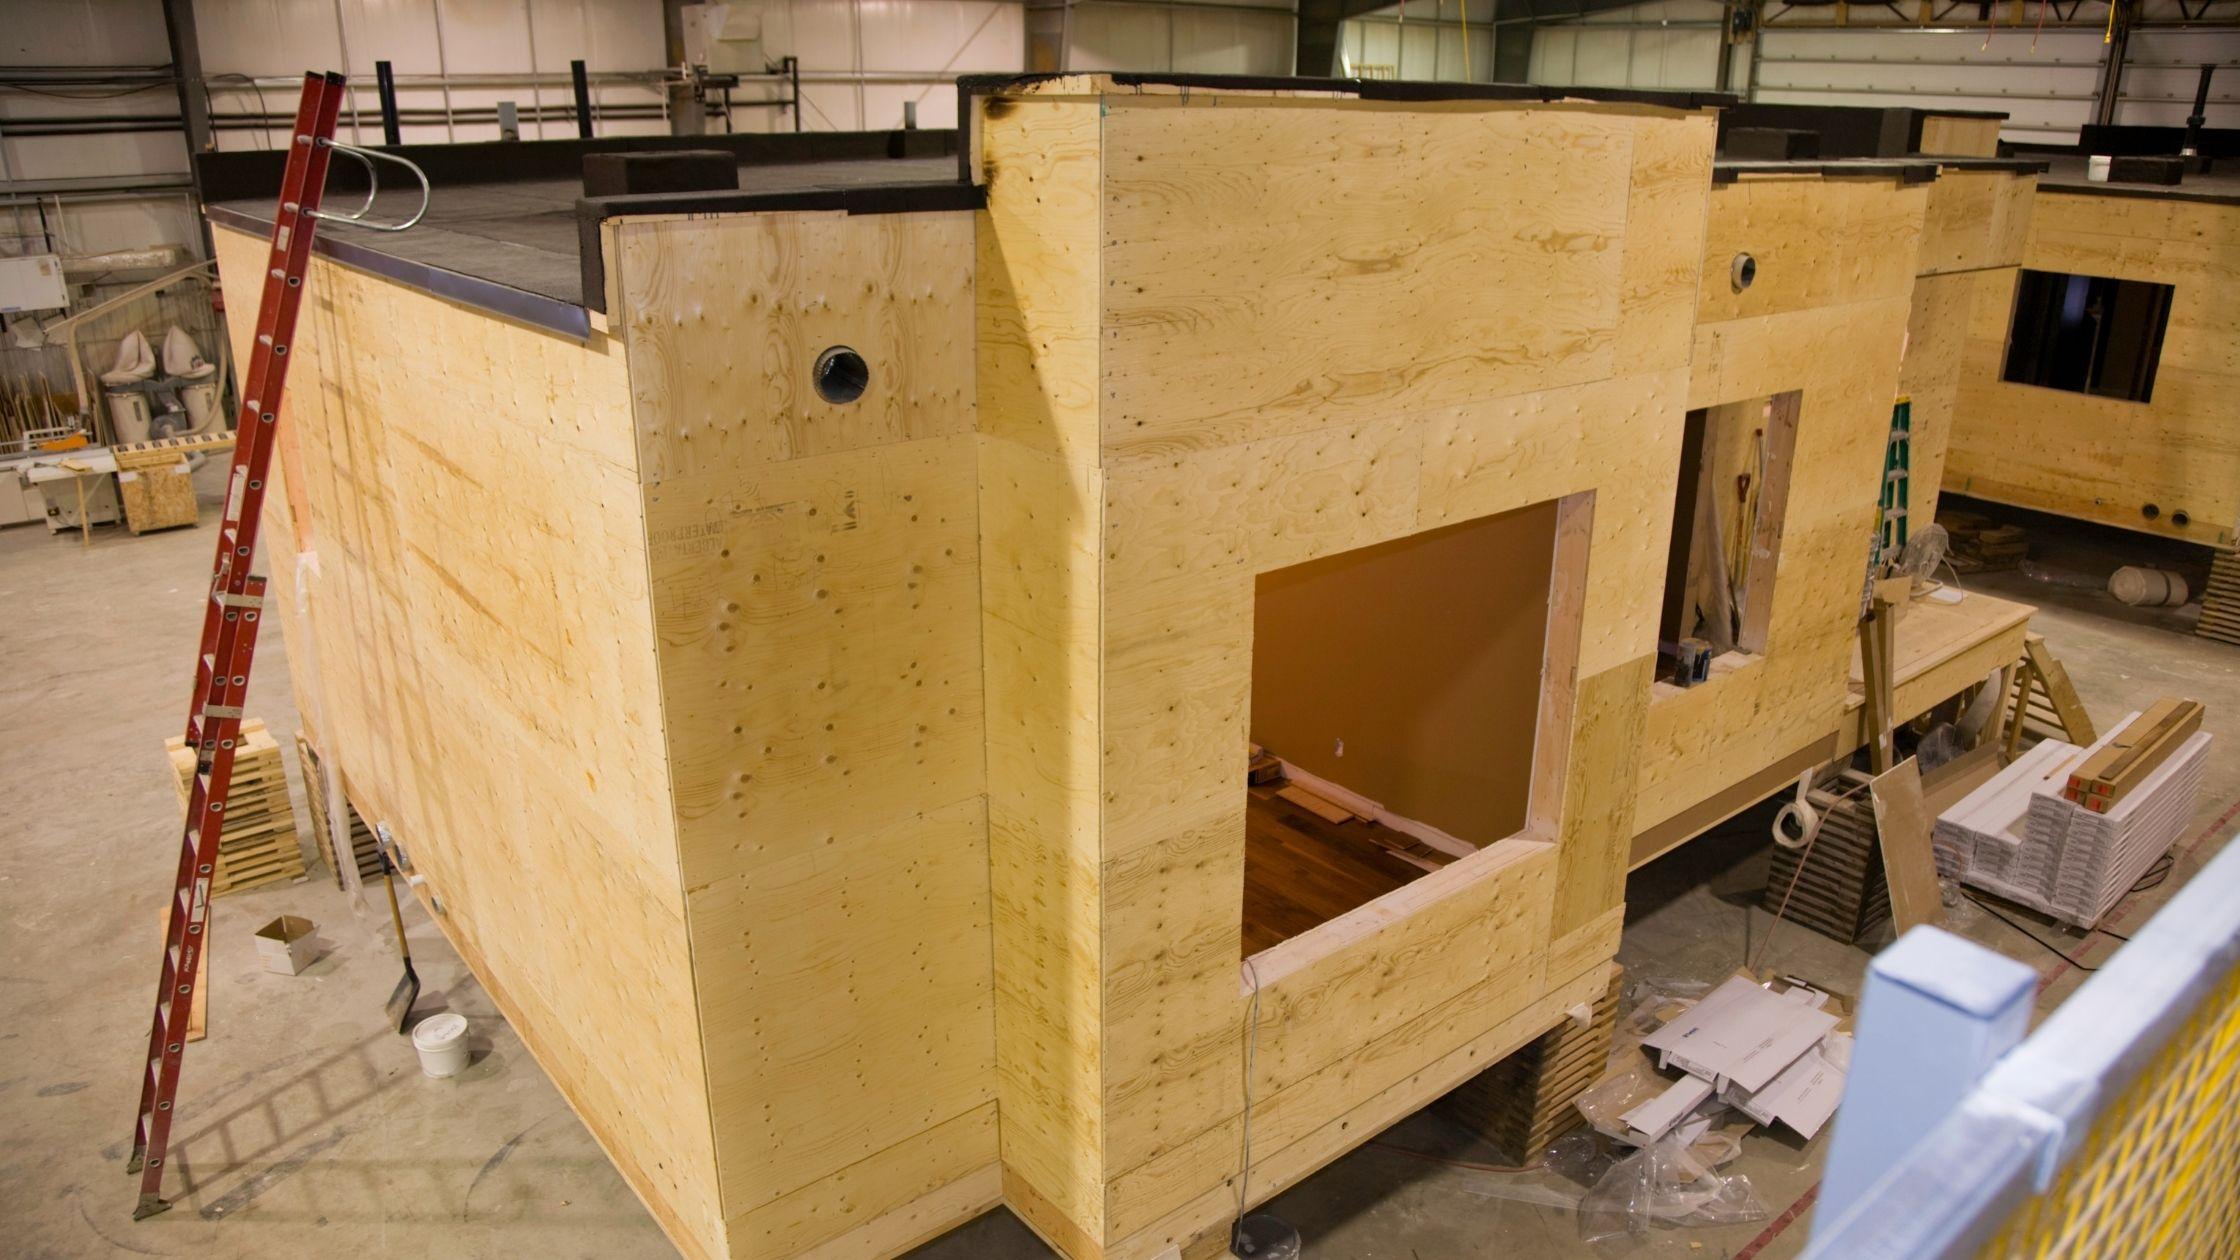 Modular Construction using hoist equipment